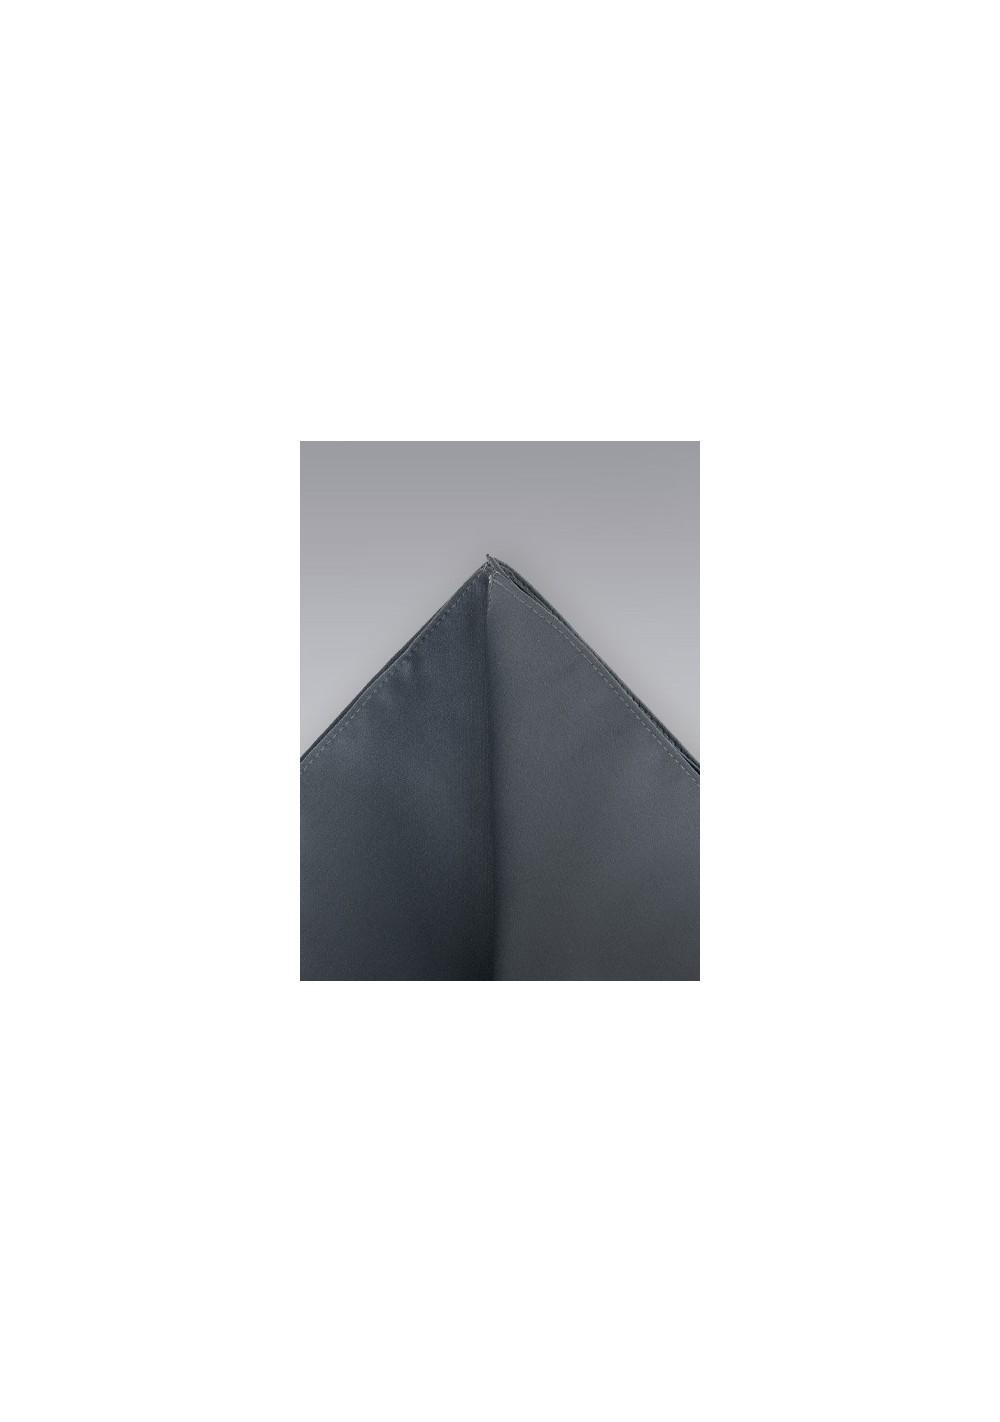 Gray pocket square -  Solid color dark gray hankie